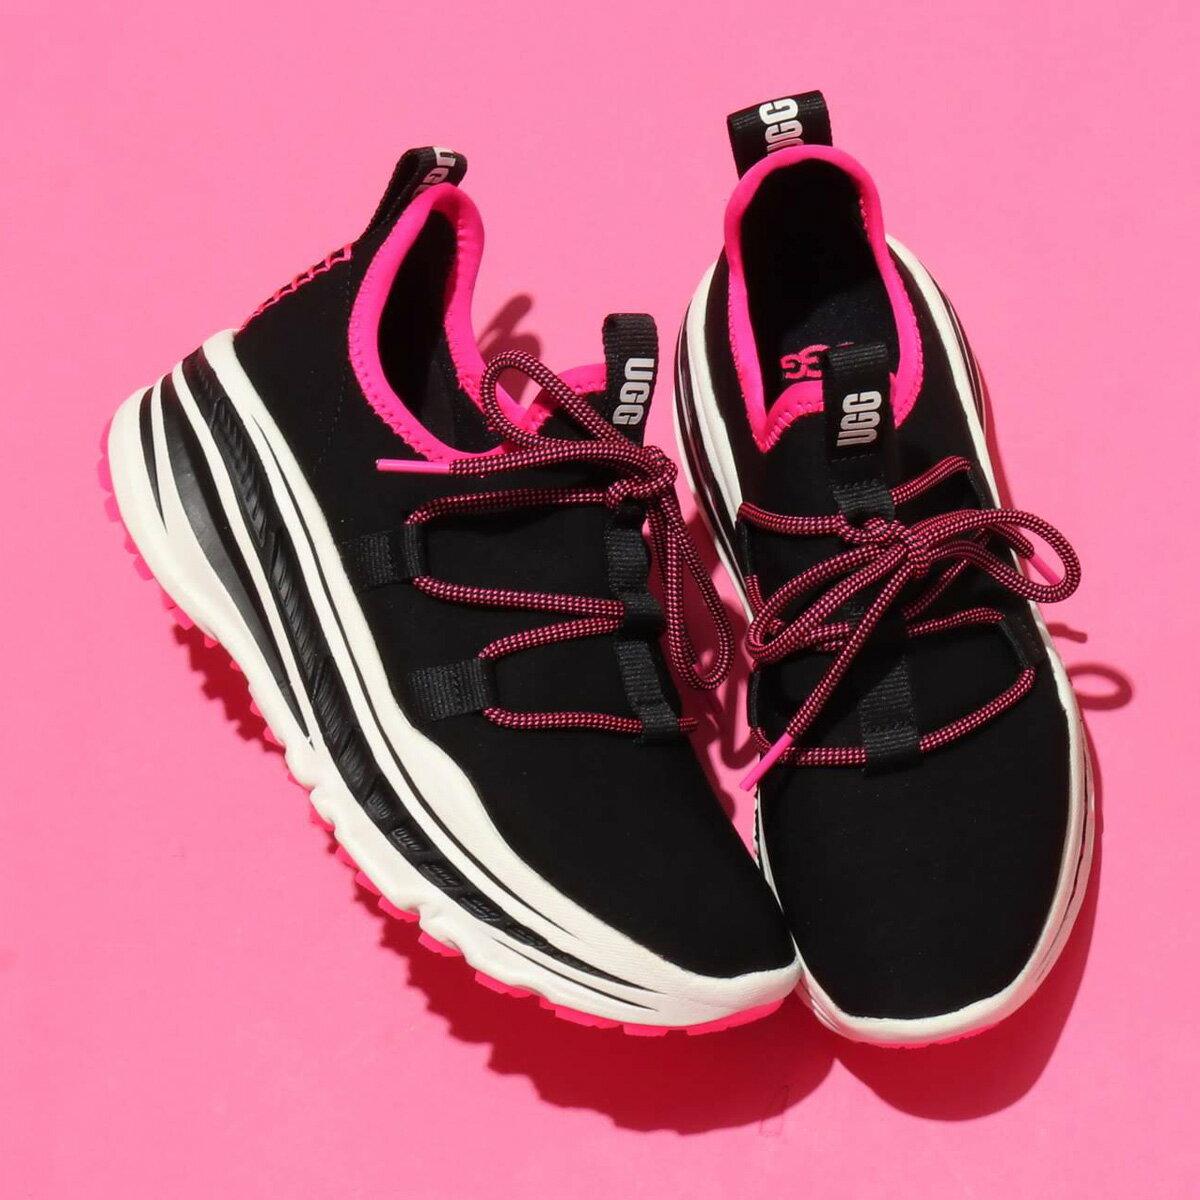 レディース靴, スニーカー UGG Lace Runner( )BLACK PINK 20SS-I